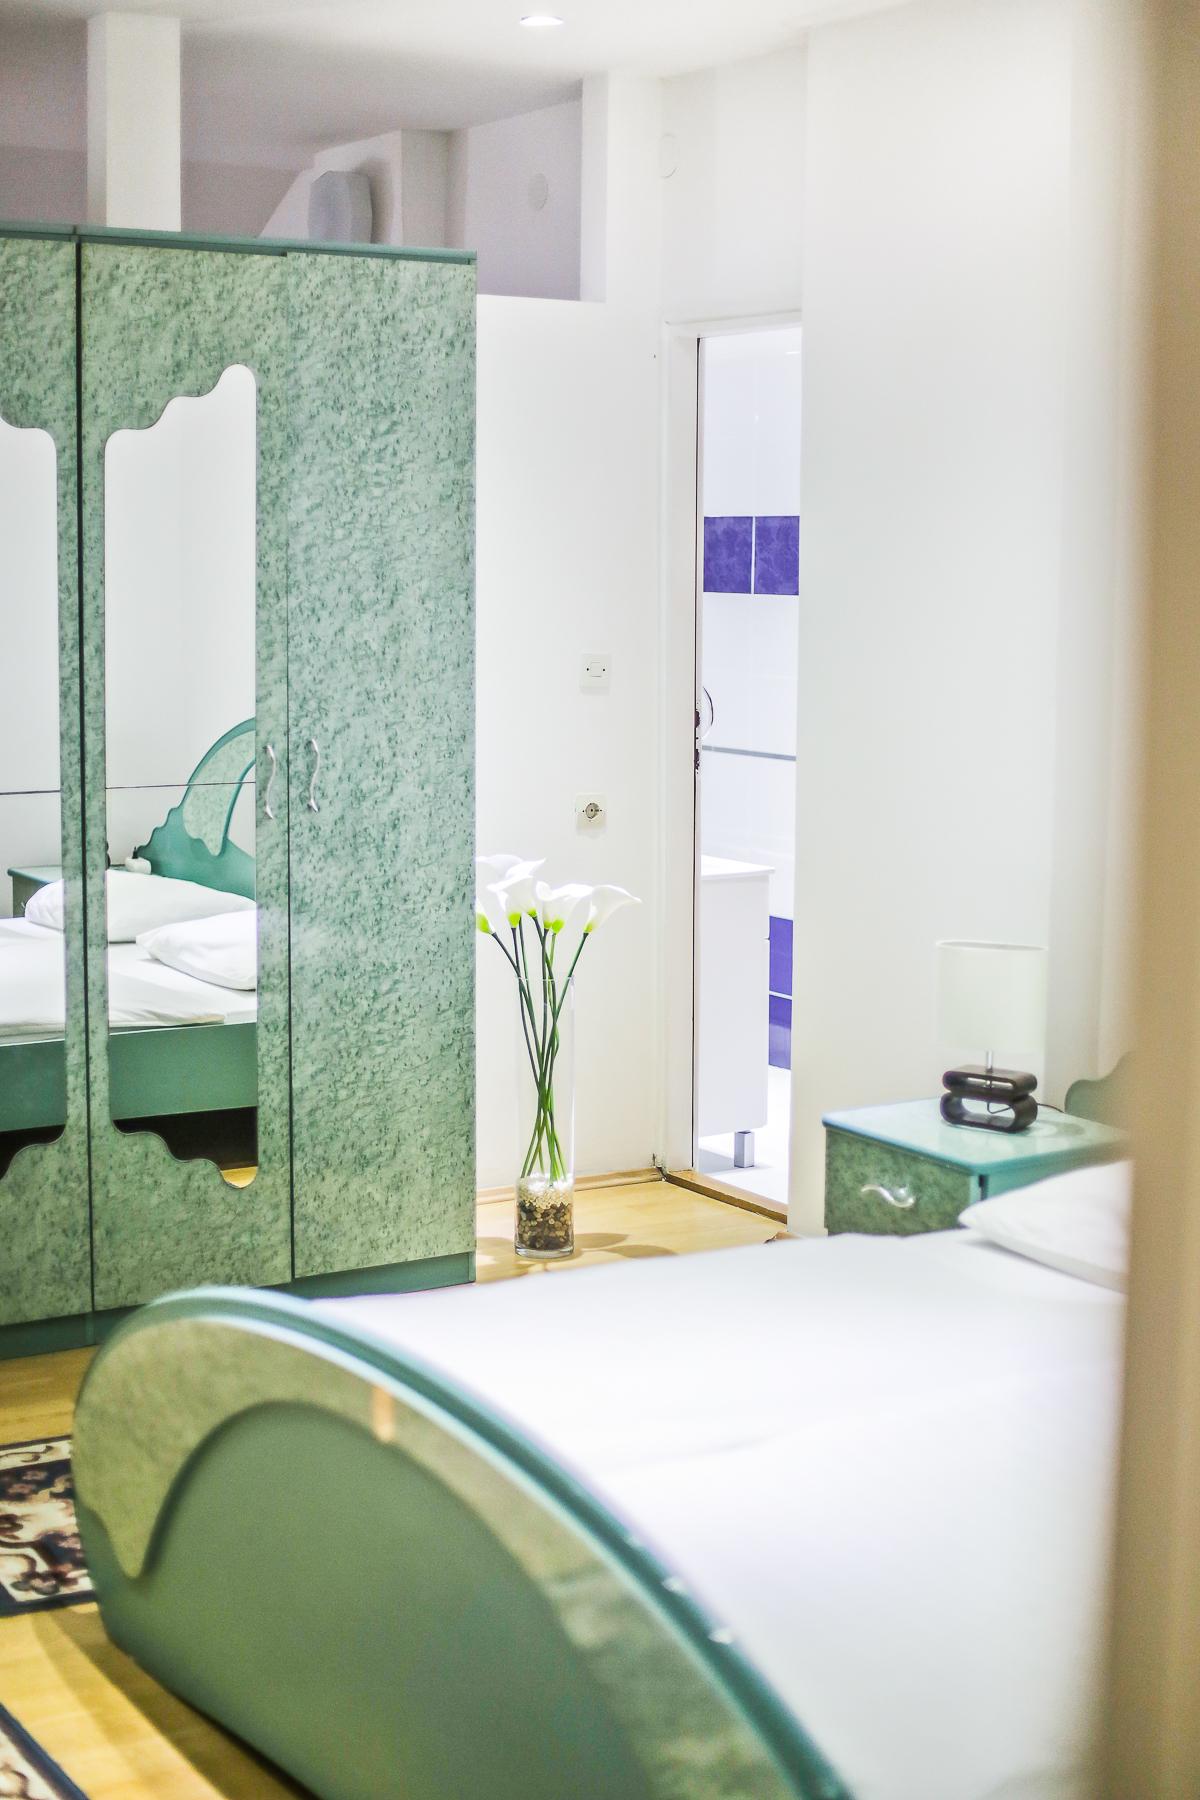 soba sa bračnim krevetom